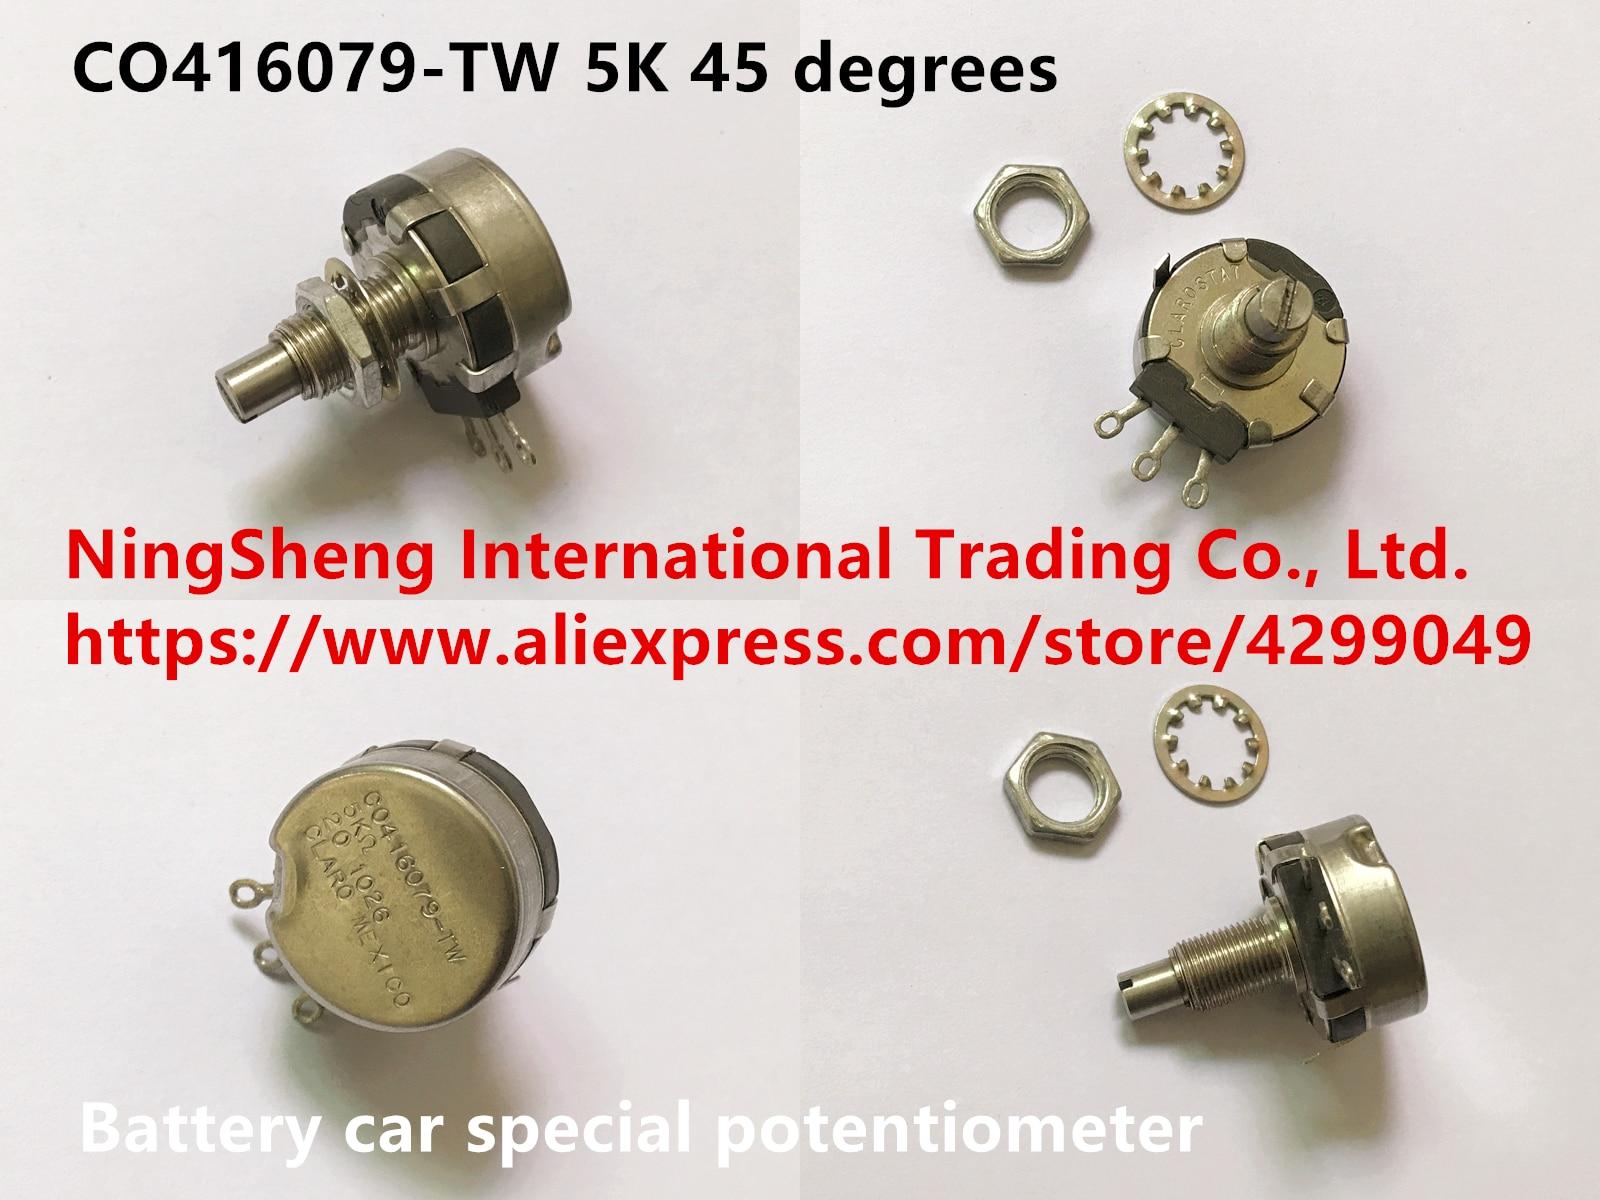 الأصلي الجديد 100% CO416079-TW 5K سيارة تعمل بالبطارية الجهد الخاص 45 درجة (التبديل)